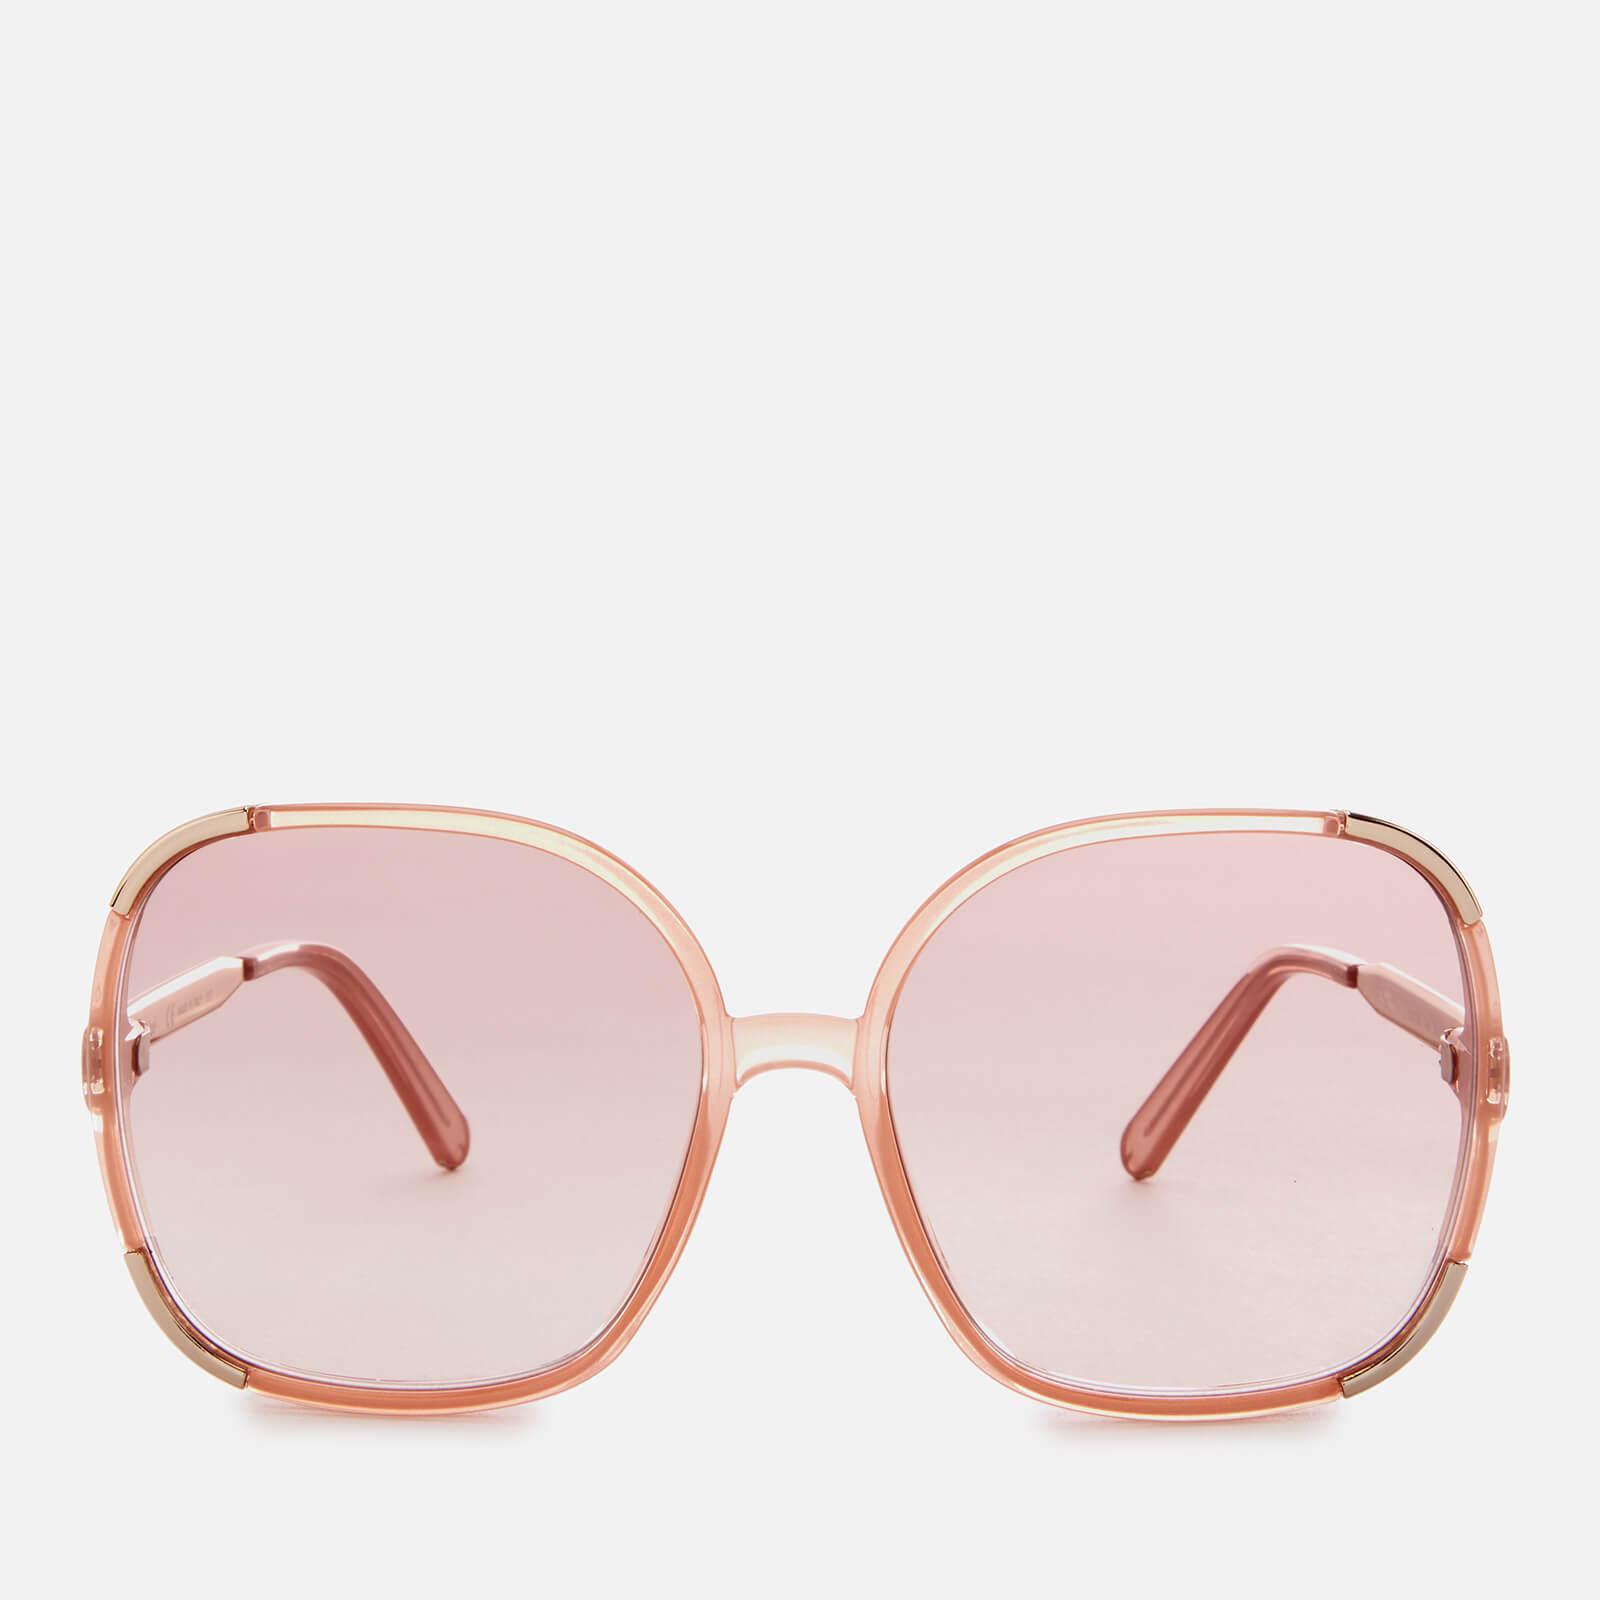 2e7fff44 Chloe Women's Myrte Square-Frame Acetate Sunglasses - Peach